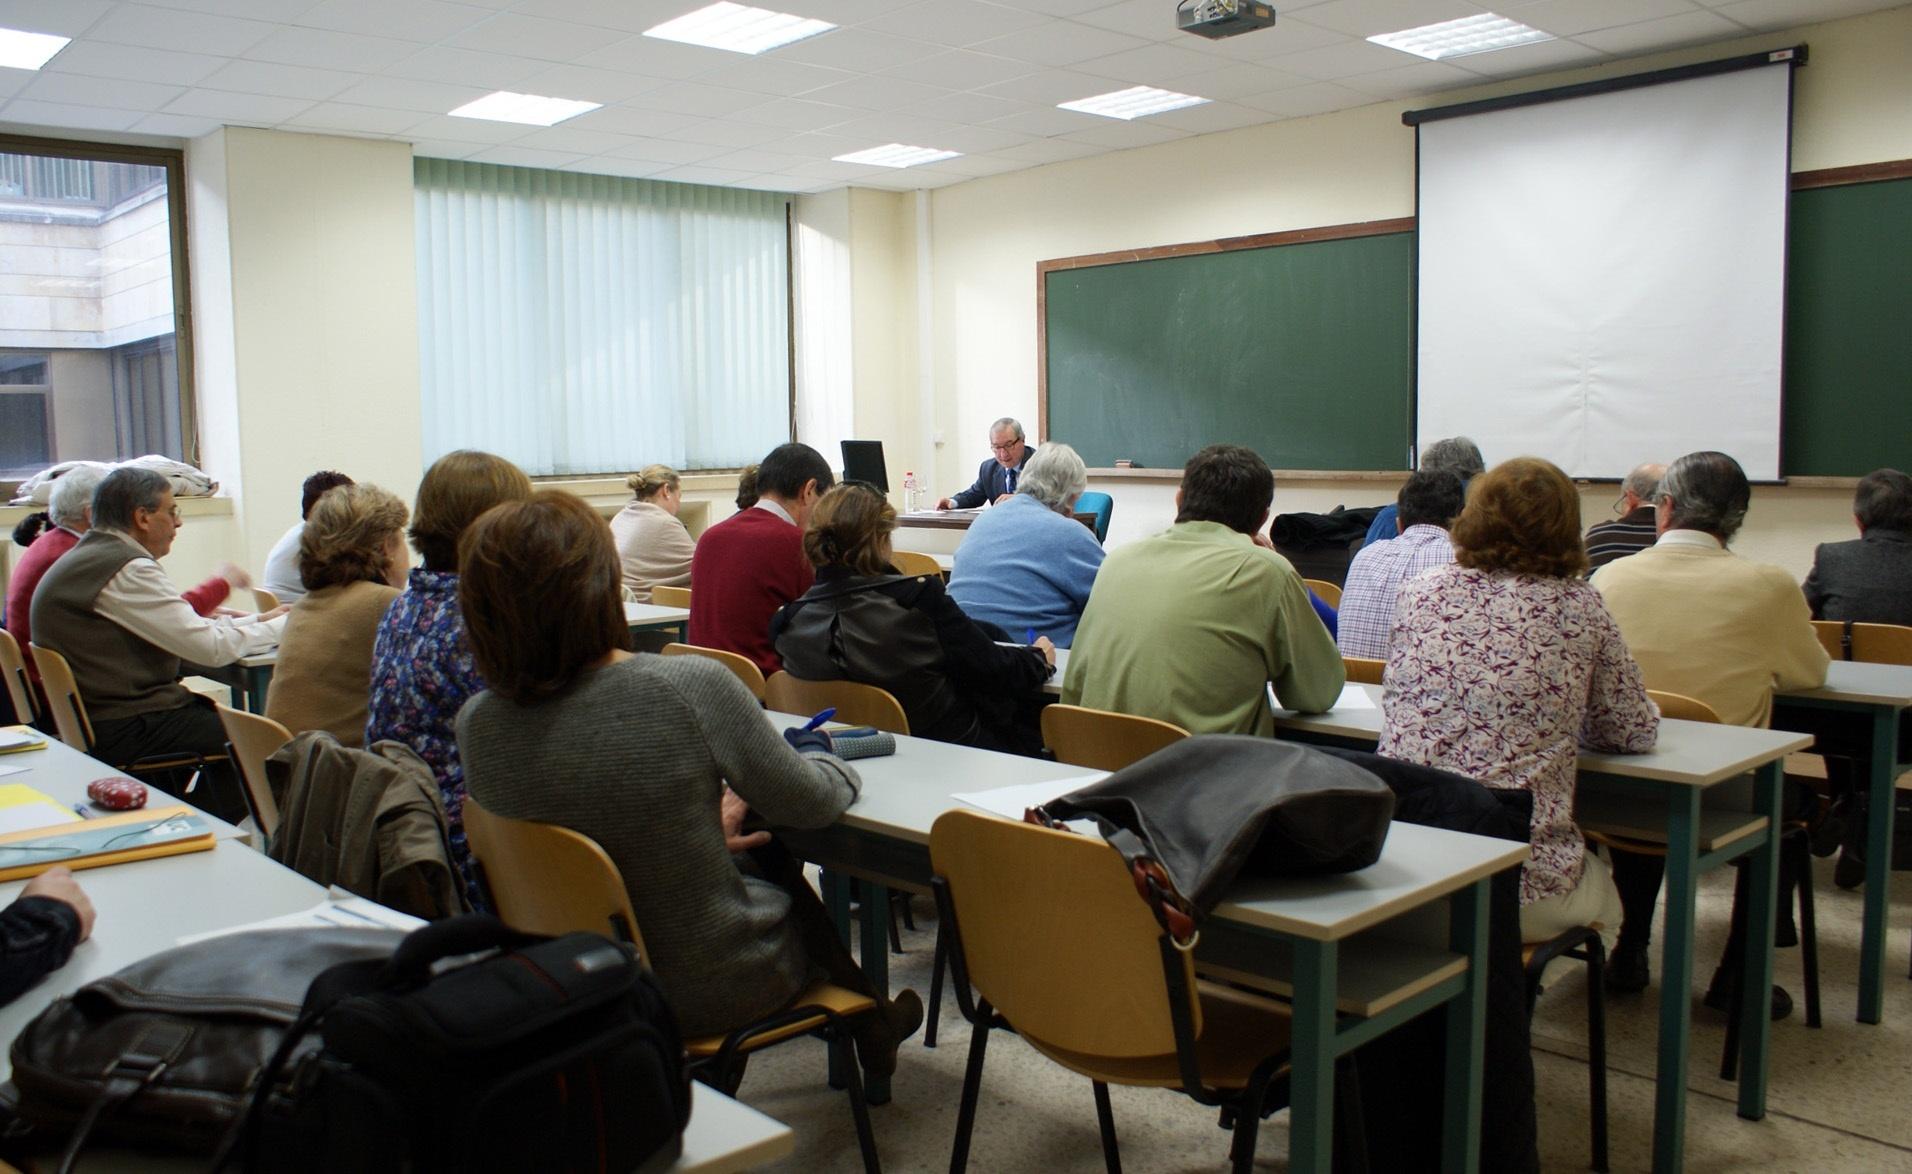 El plazo de matrícula para el Programa Senior de la UC se abrirá del 19 al 23 de septiembre